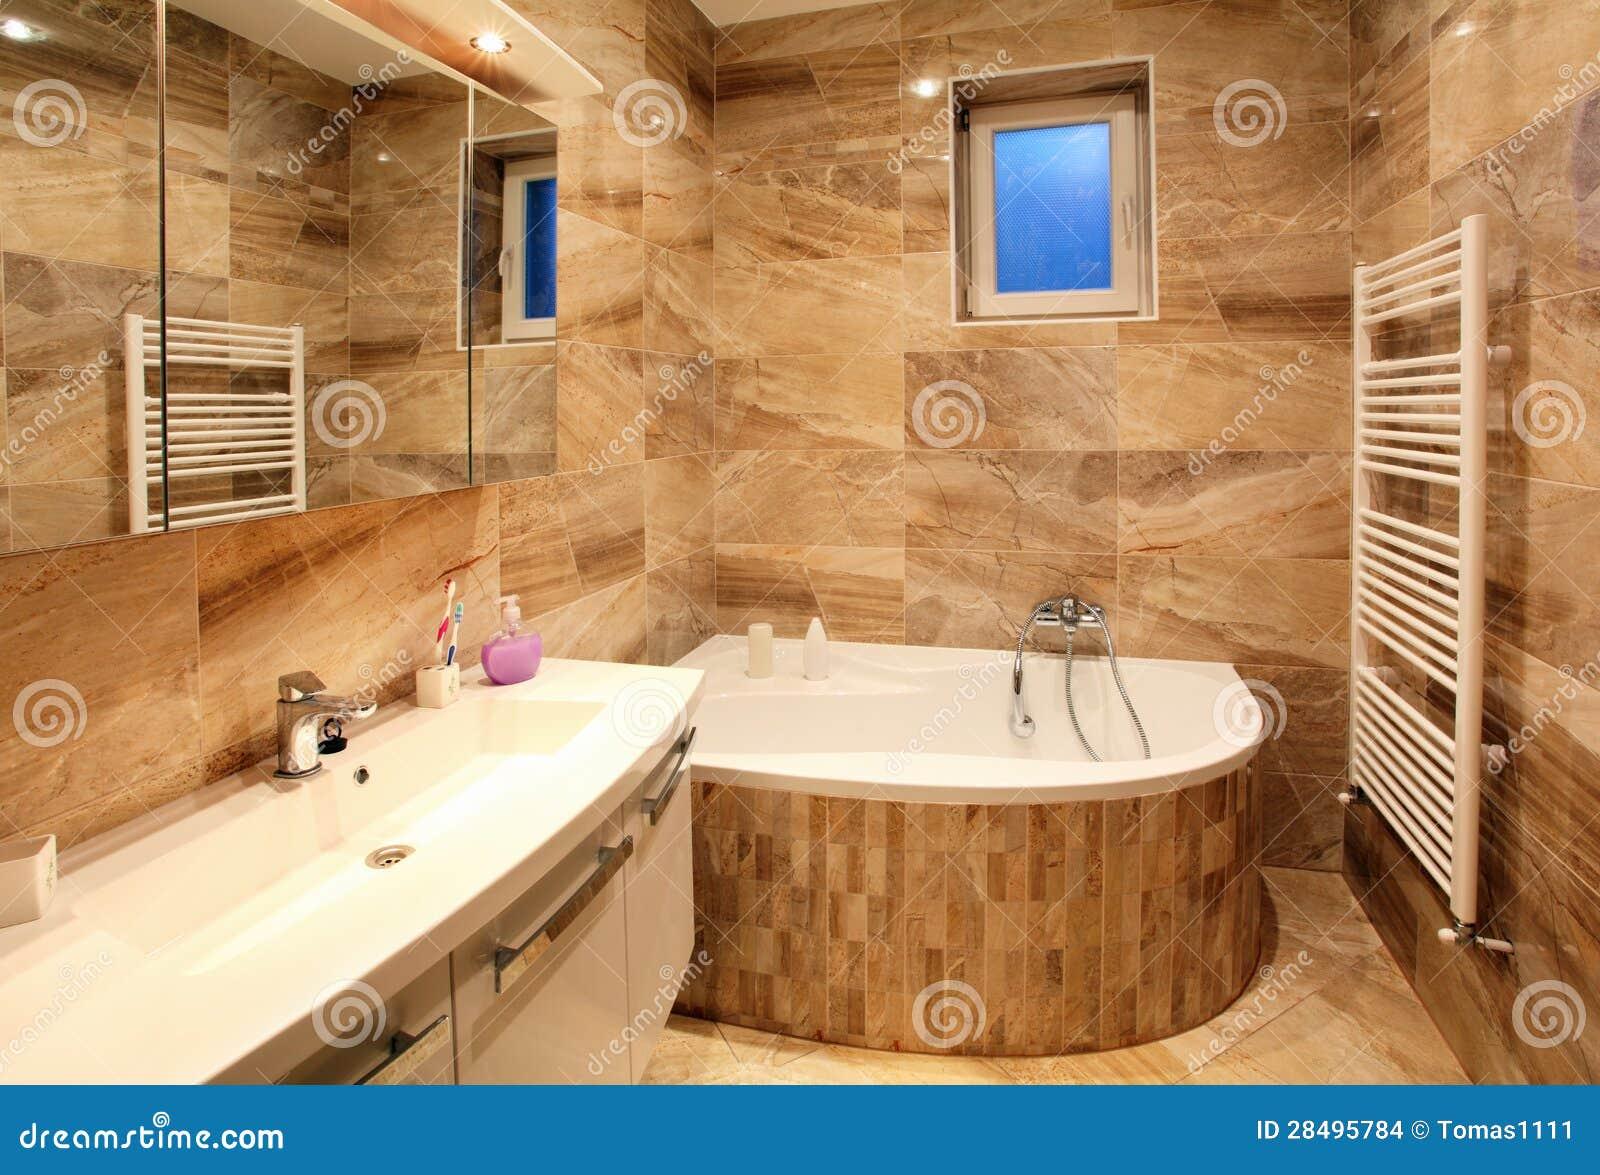 Cuarto De Baño En Hogar De Lujo Con El Baño Y Muebles Foto ...